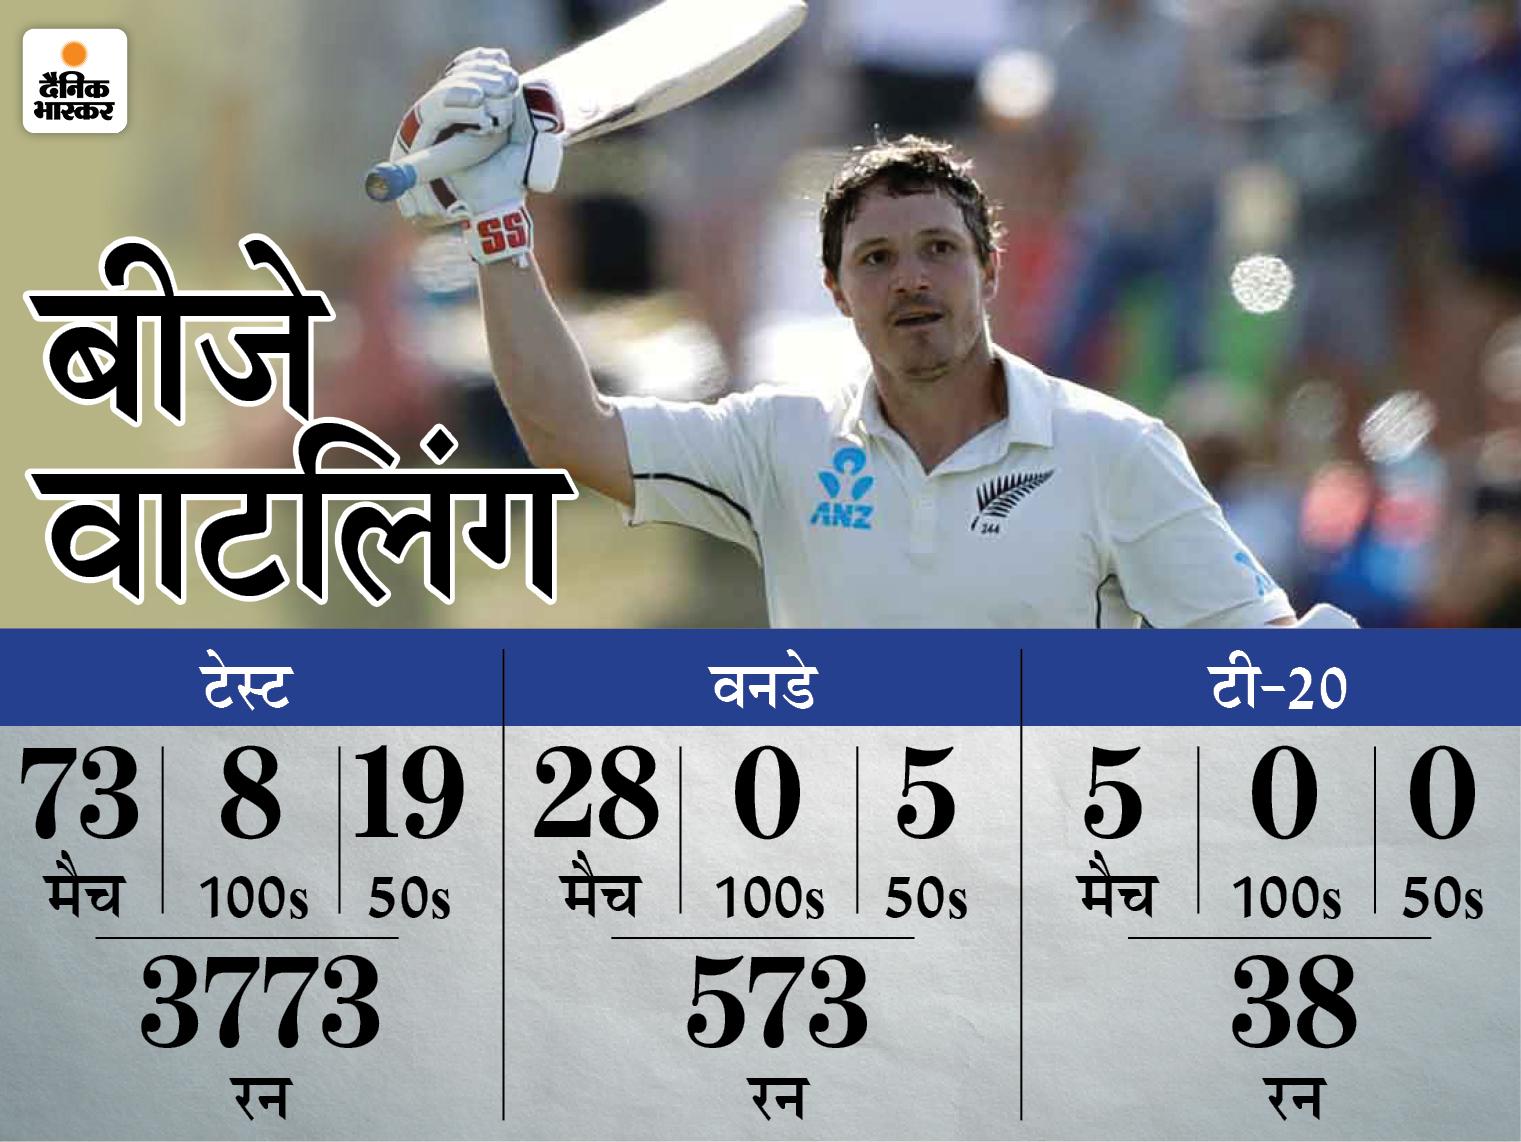 भारत के खिलाफ WTC फाइनल में आखिरी मैच खेलेंगे; न्यूजीलैंड के लिए सबसे ज्यादा टेस्ट खेलने वाले विकेटकीपर बनेंगे क्रिकेट,Cricket - Dainik Bhaskar